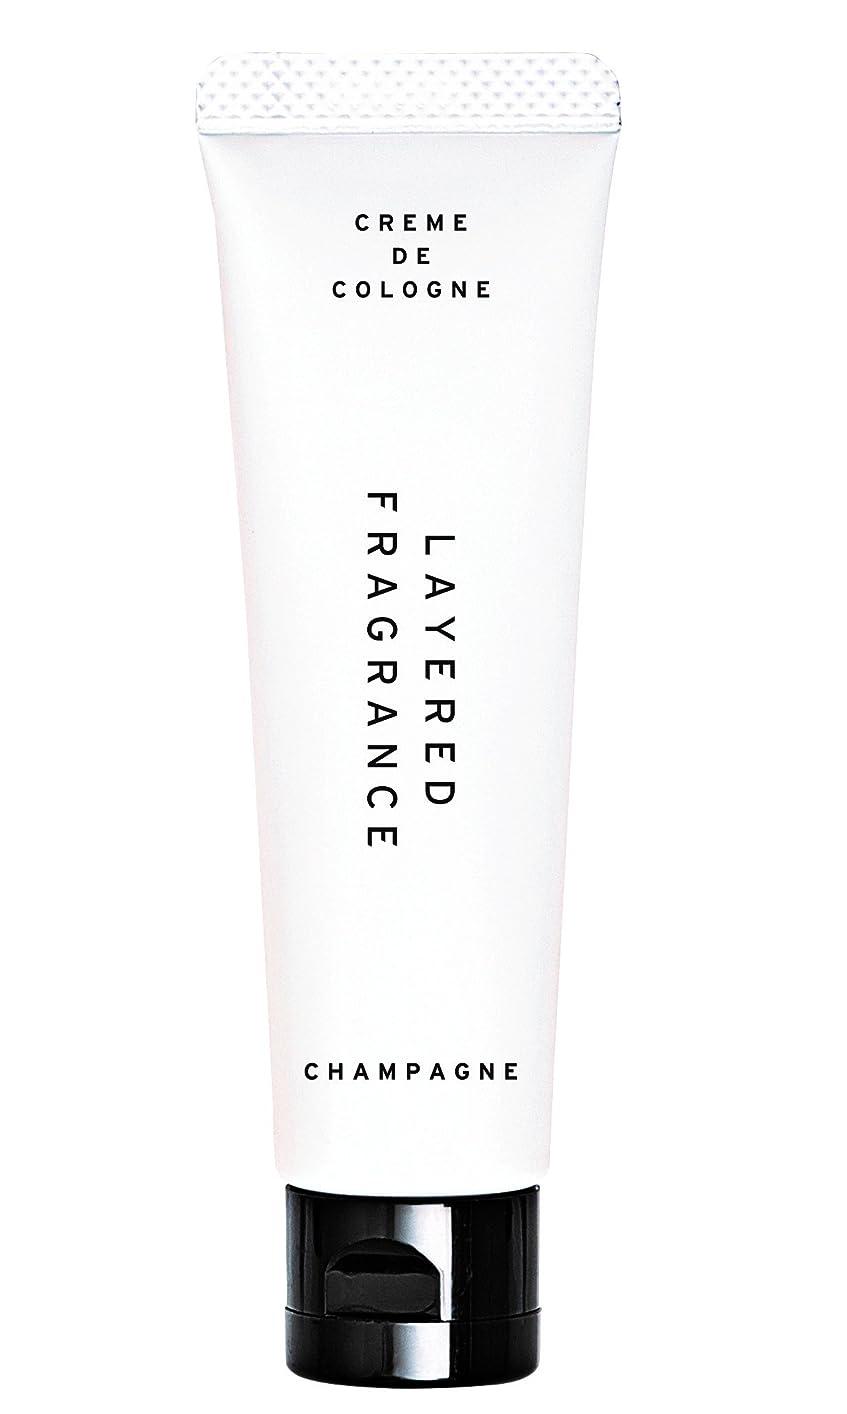 印象残りベッドを作るレイヤードフレグランス クレムドゥコロン シャンパン 30g 練り香水